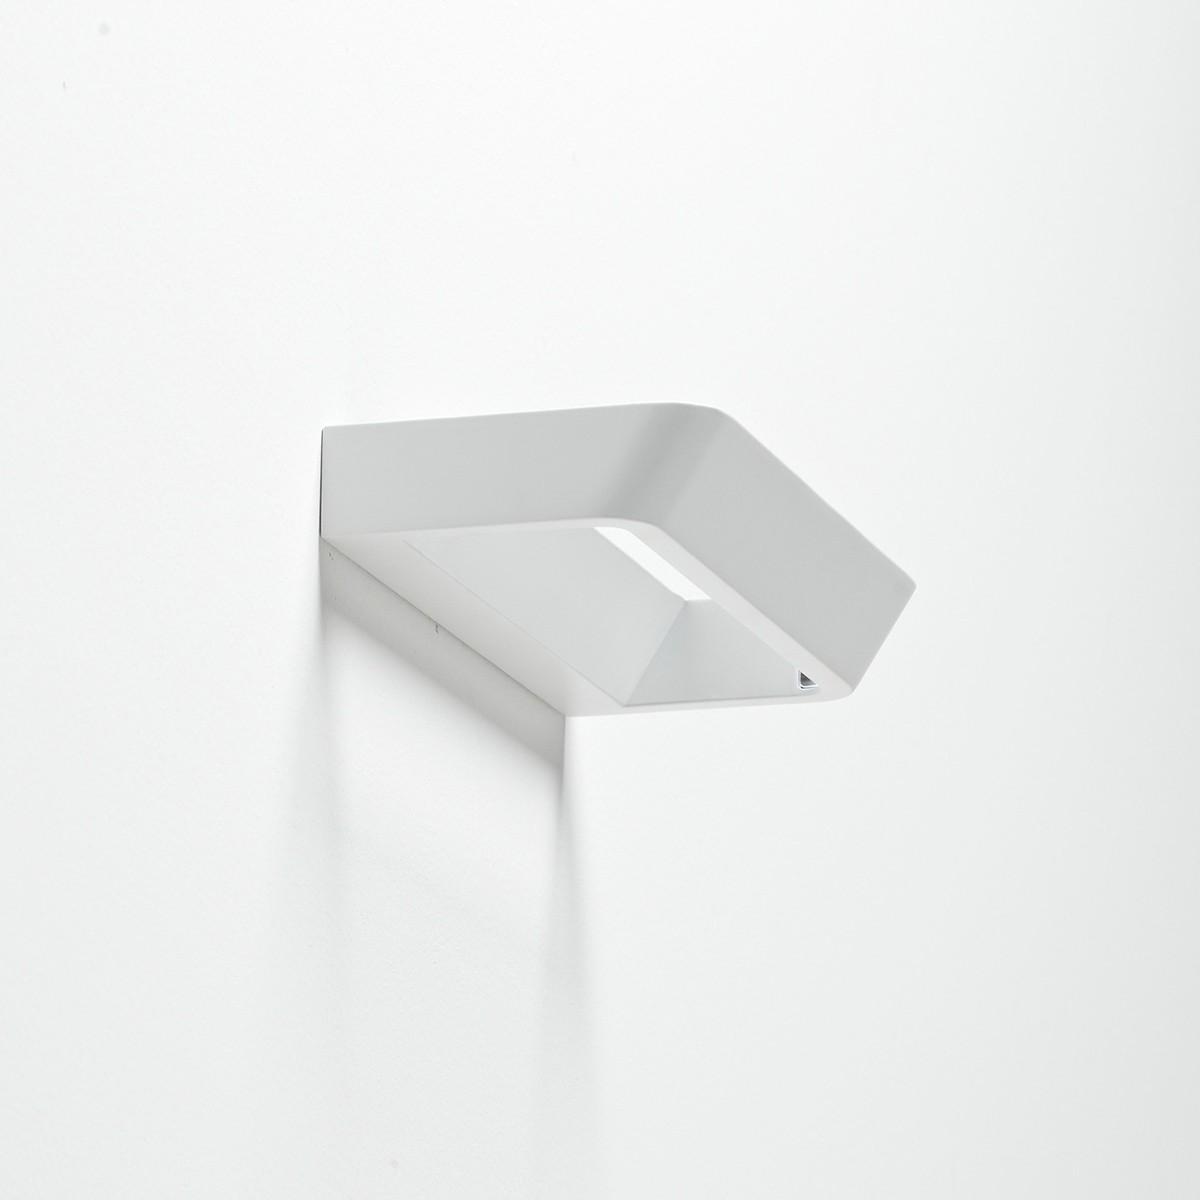 Rotaliana Belvedere W1 LED Wandleuchte, weiß matt, 2700° K